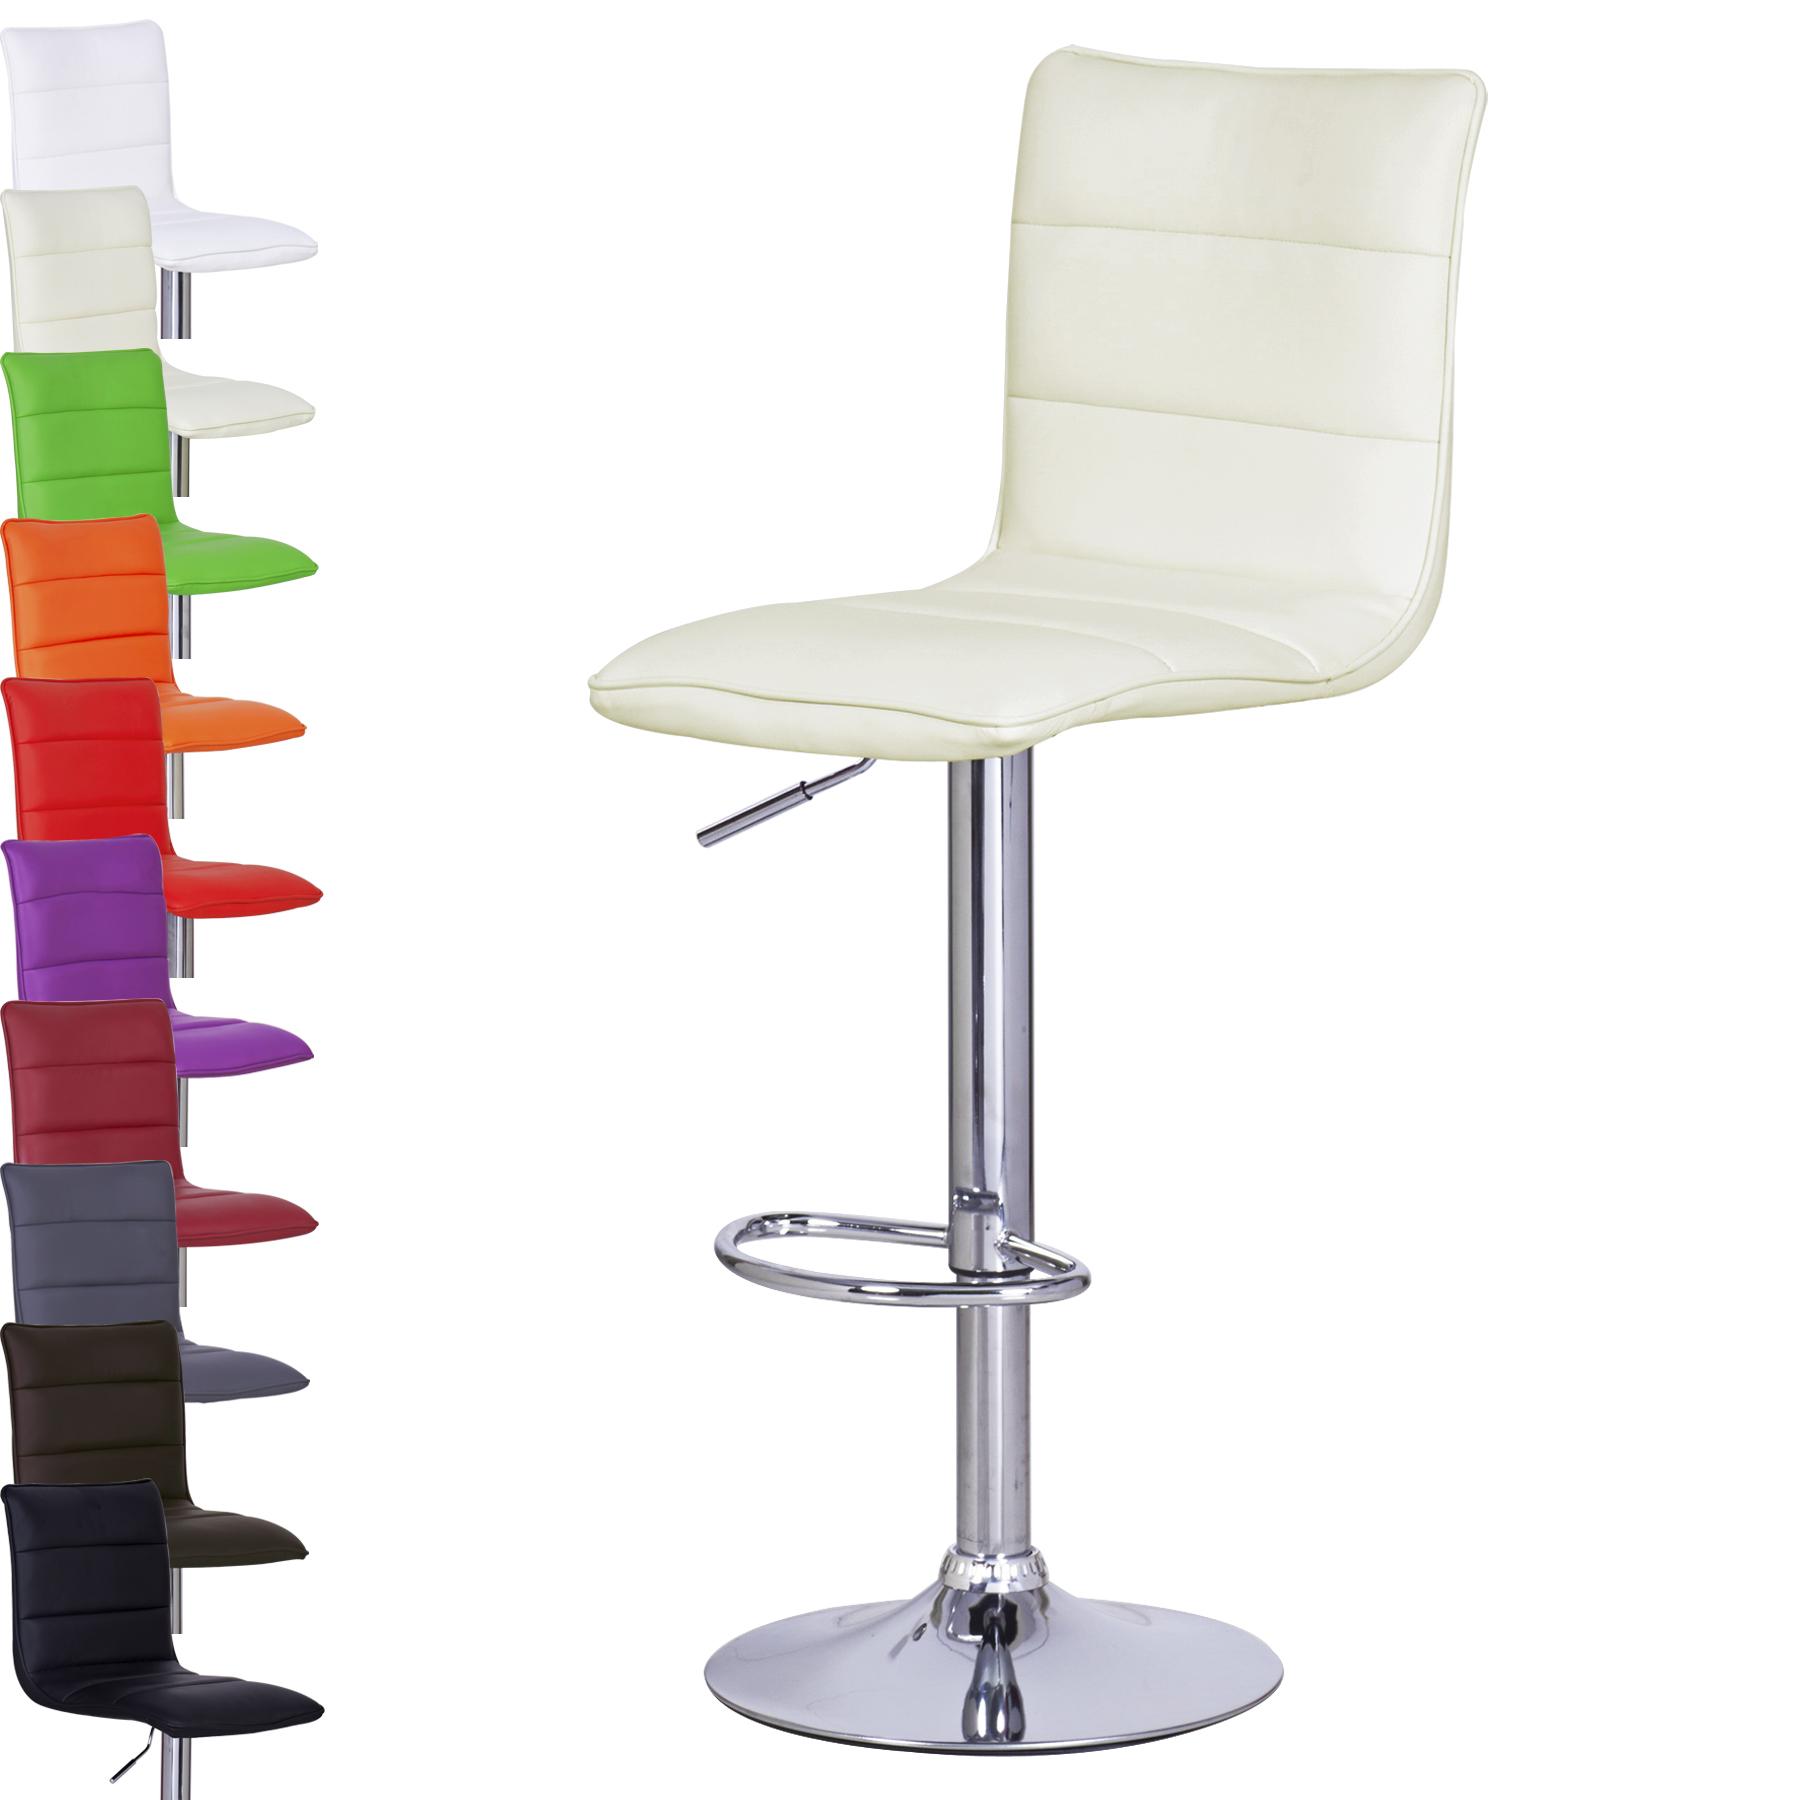 Barhocker barstuhl 2x tresen hocker kunstleder stuhl for Barhocker 86 cm